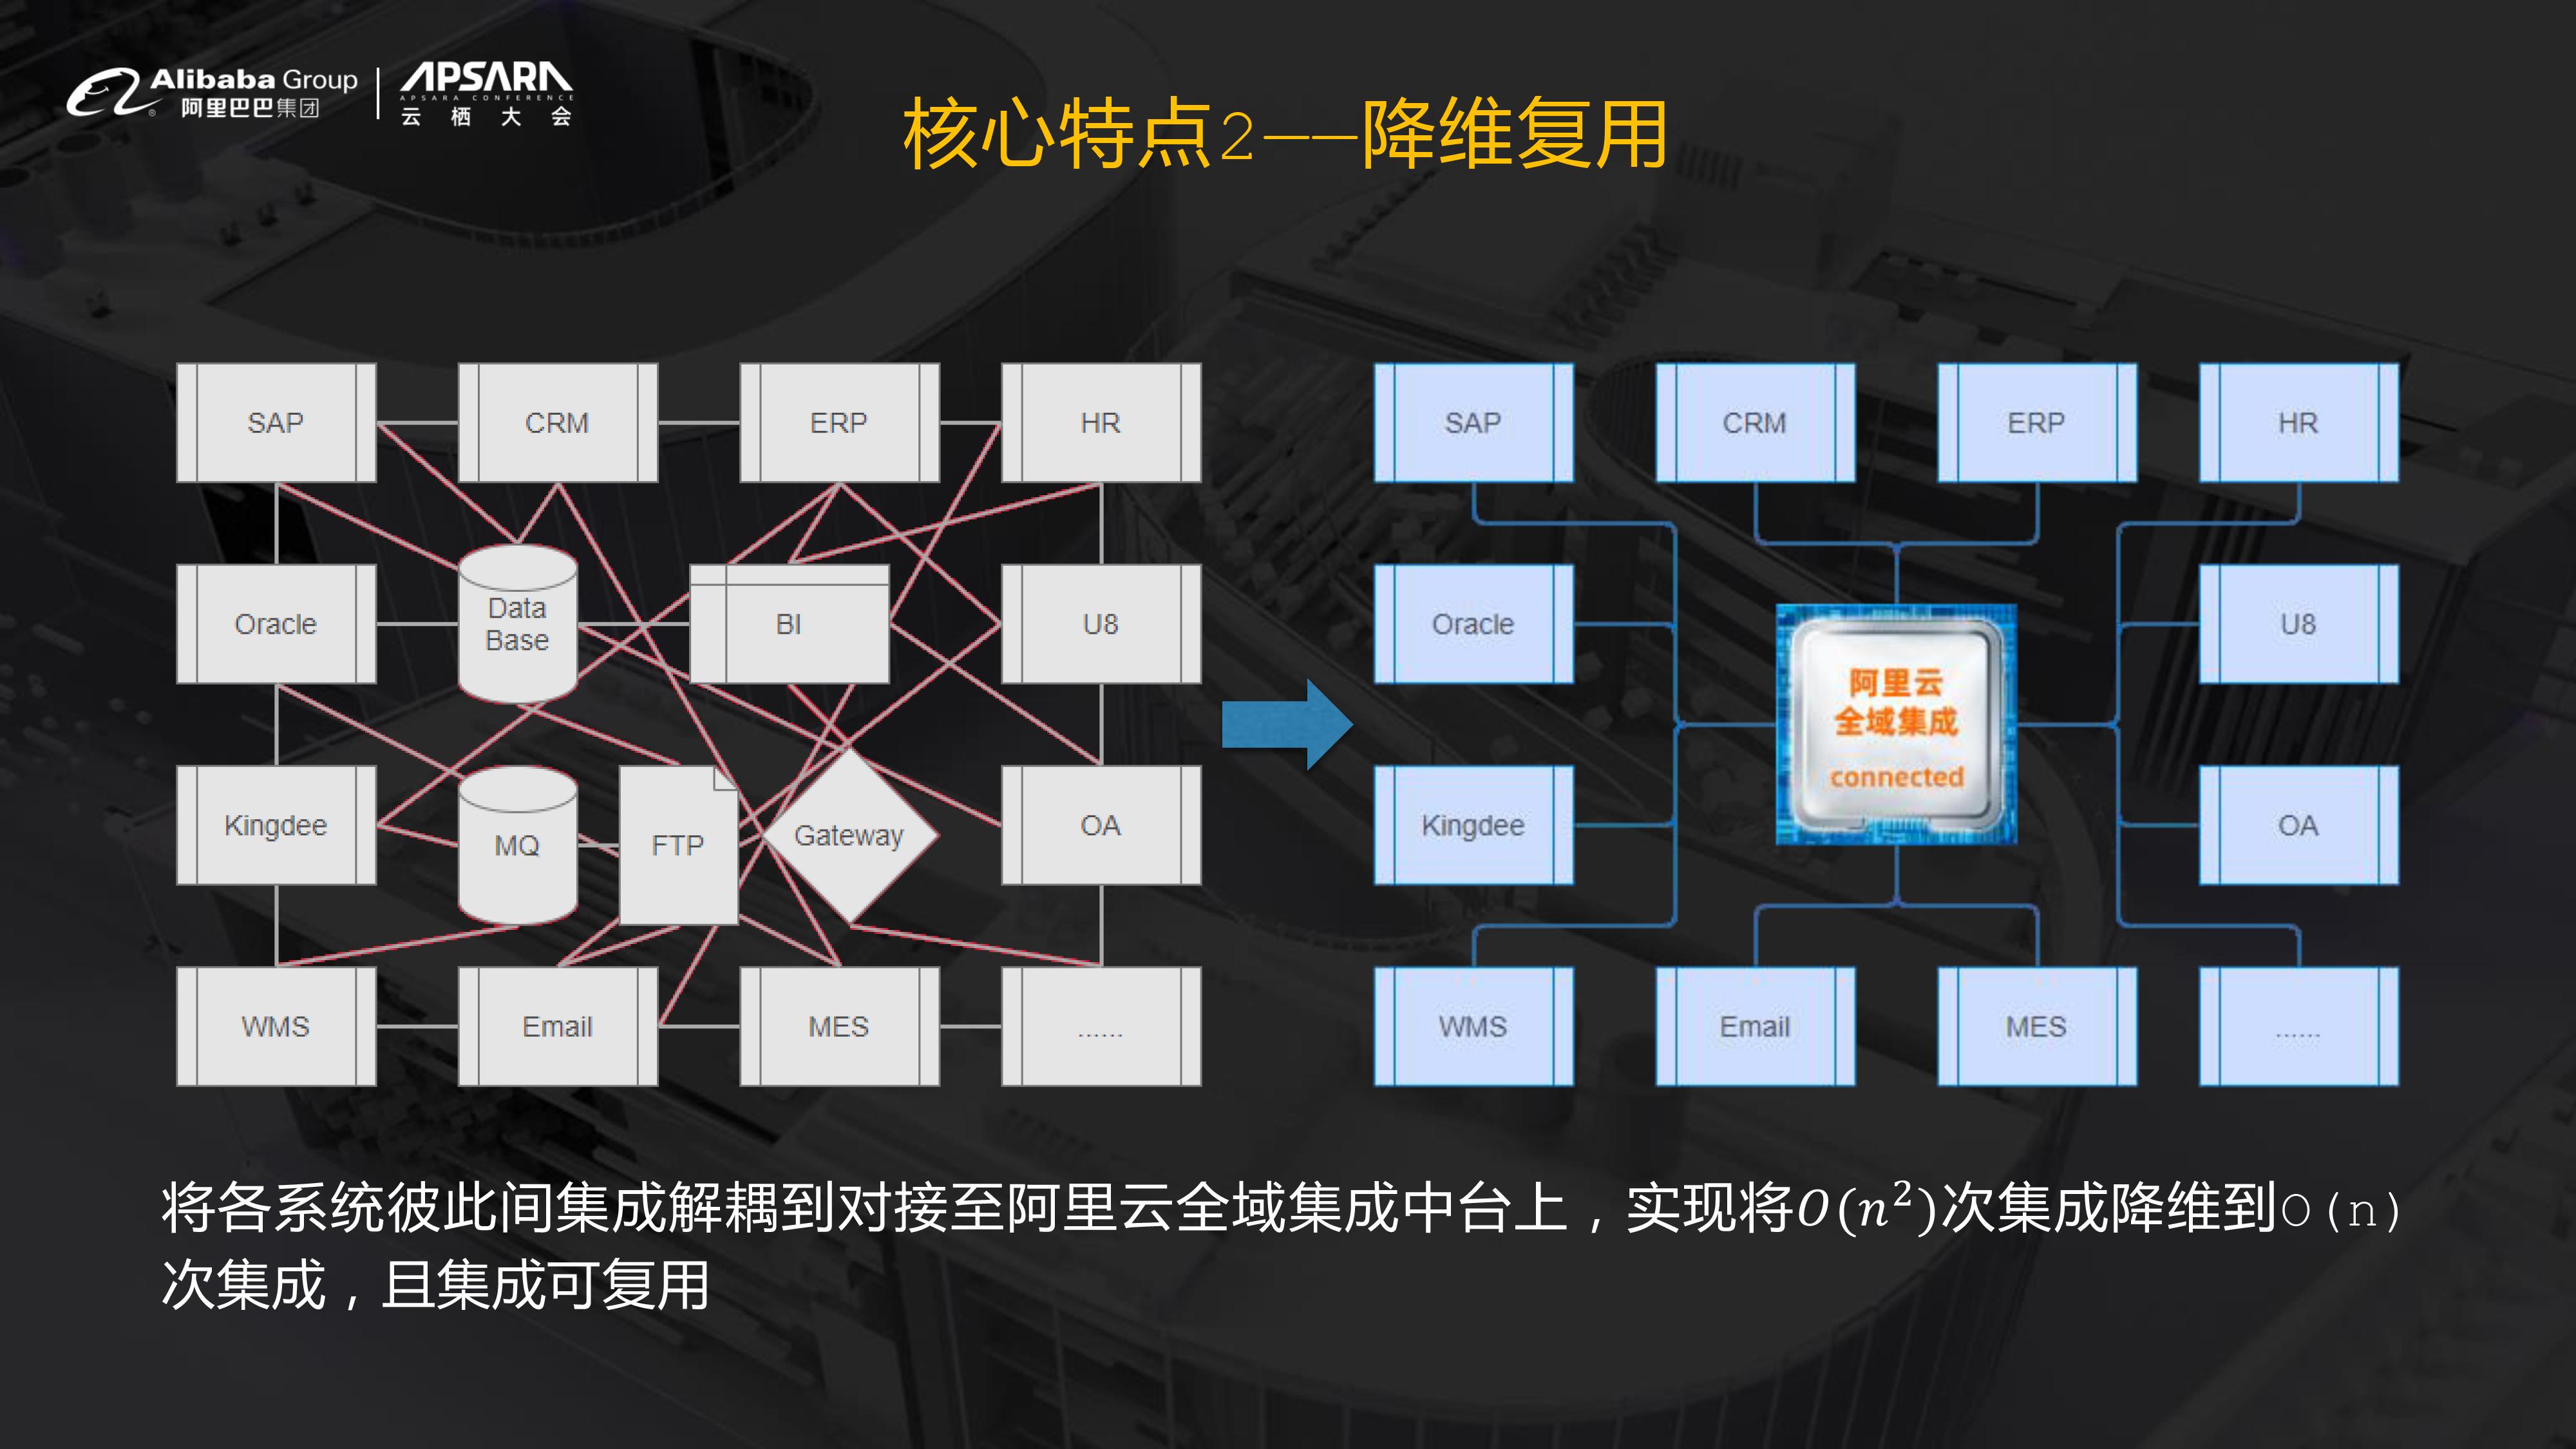 【最终】云栖大会_全域集成解决方案(1)-7.jpg